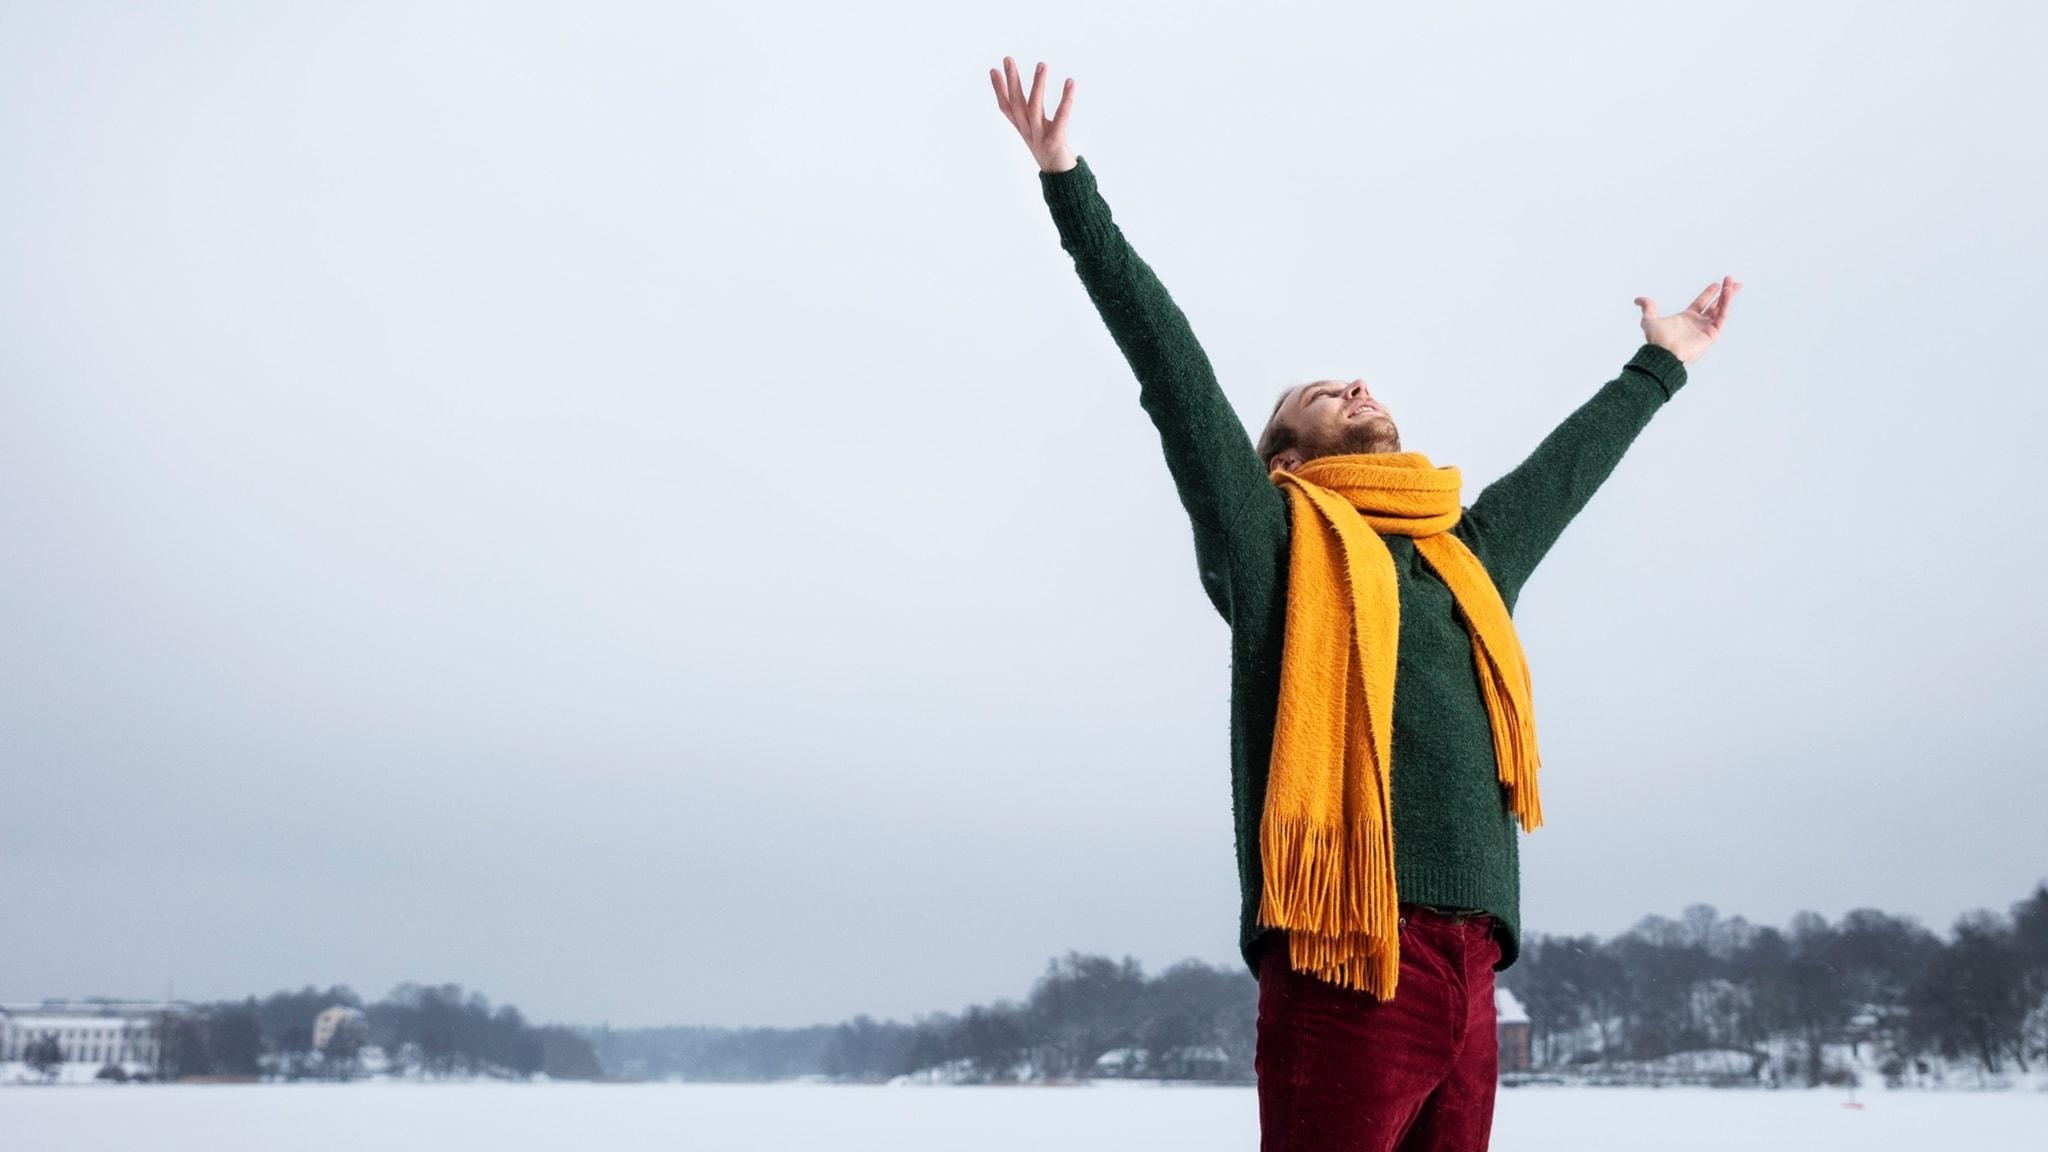 Programledaren Simon Magnusson sträcker upp sina händer mot himlen. En vintergrå januaridag. Han har en stor gul halsduk och en grön ylletröja.